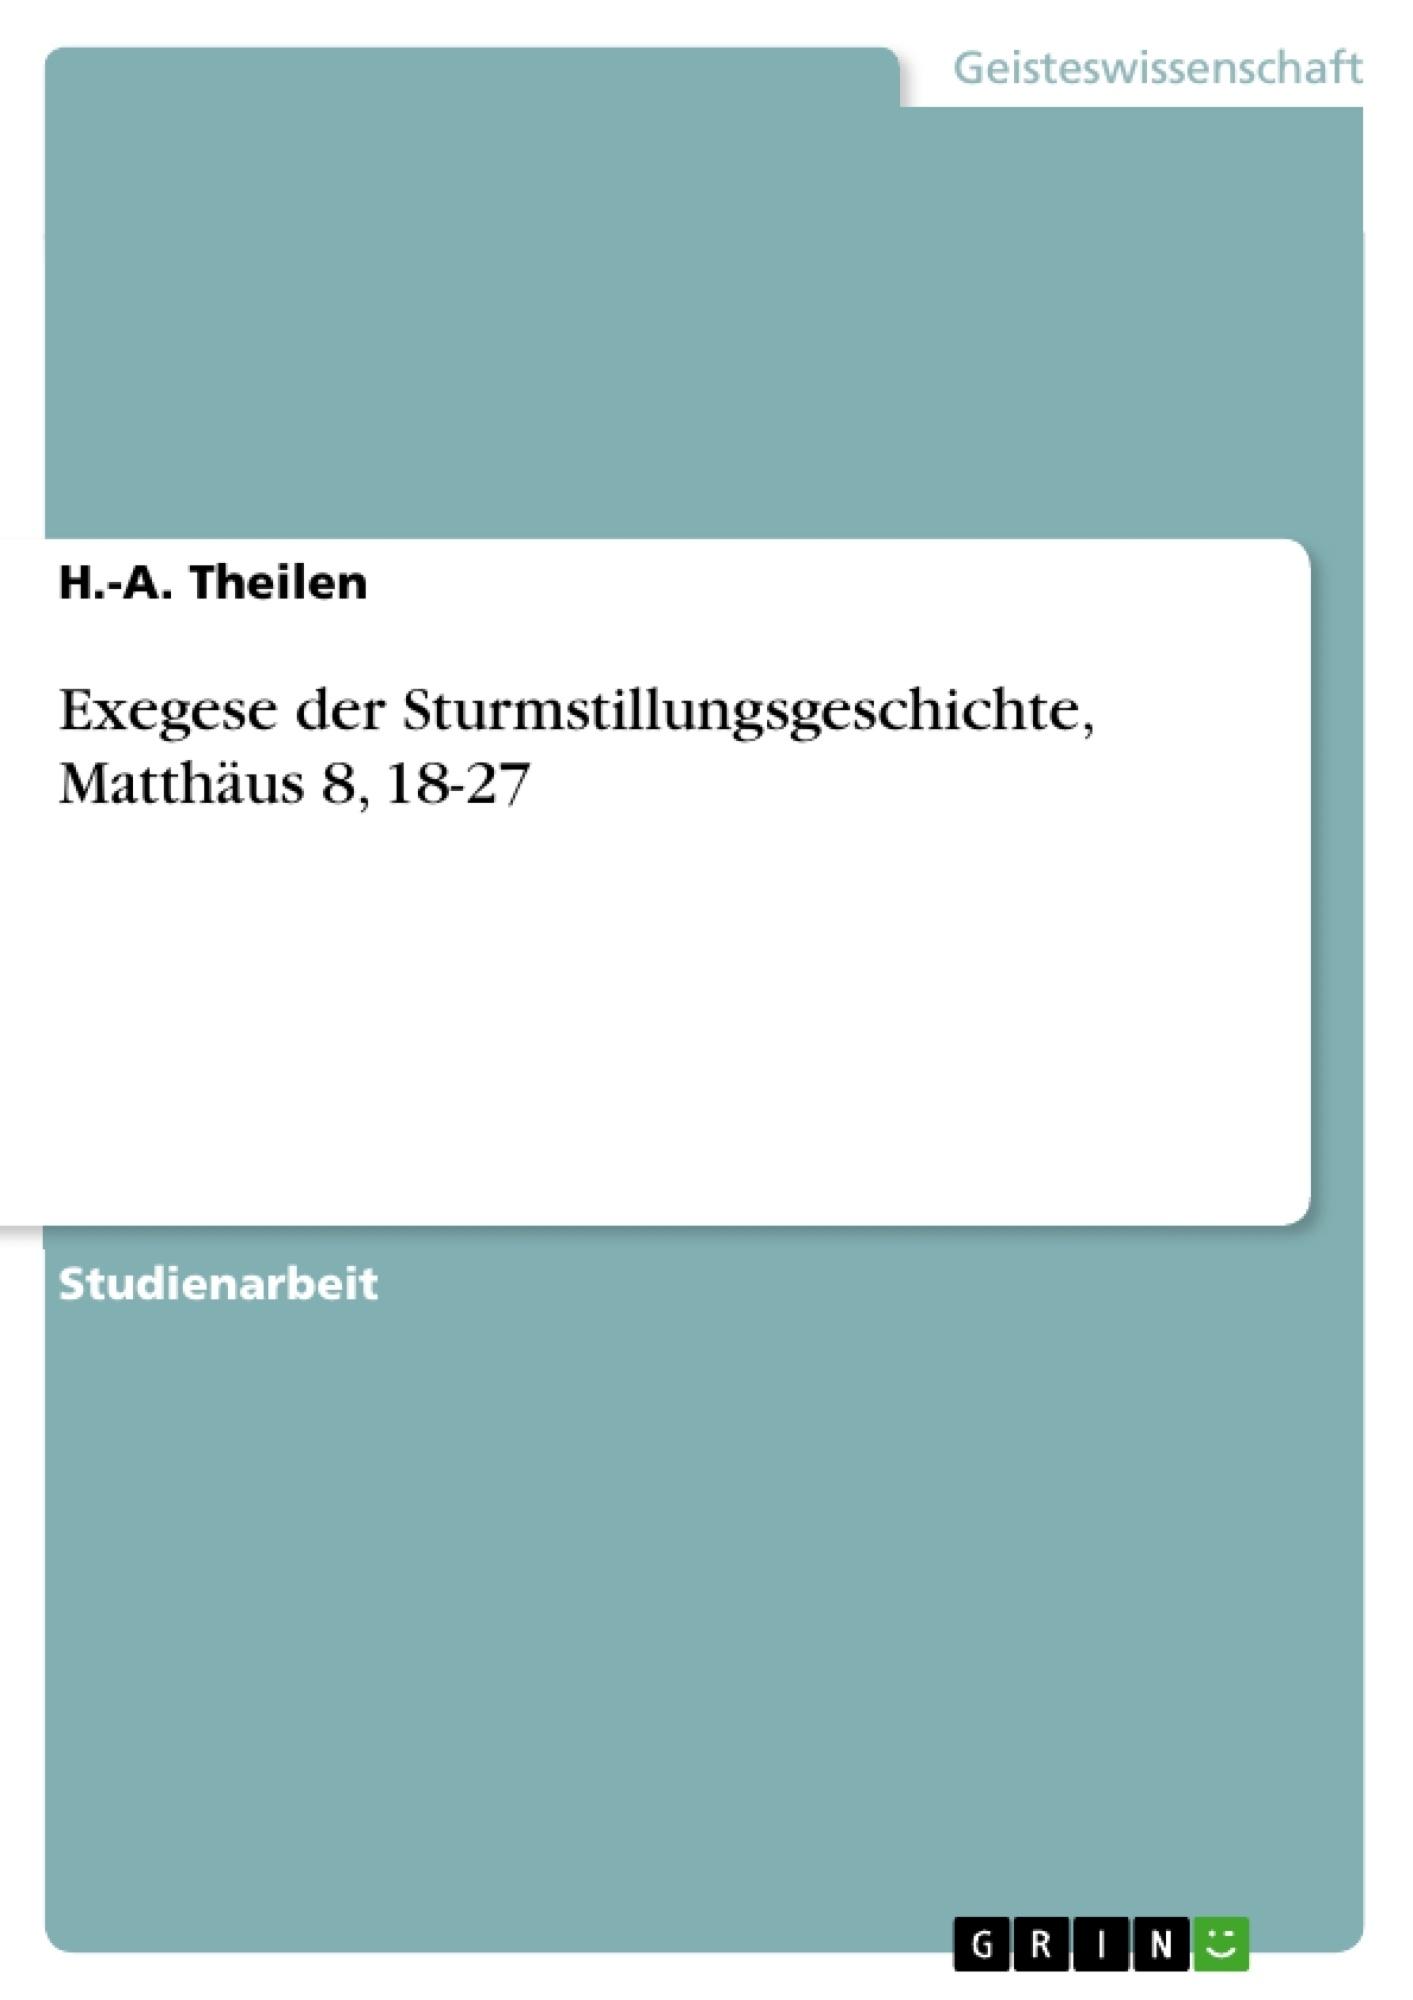 Titel: Exegese der Sturmstillungsgeschichte, Matthäus 8, 18-27